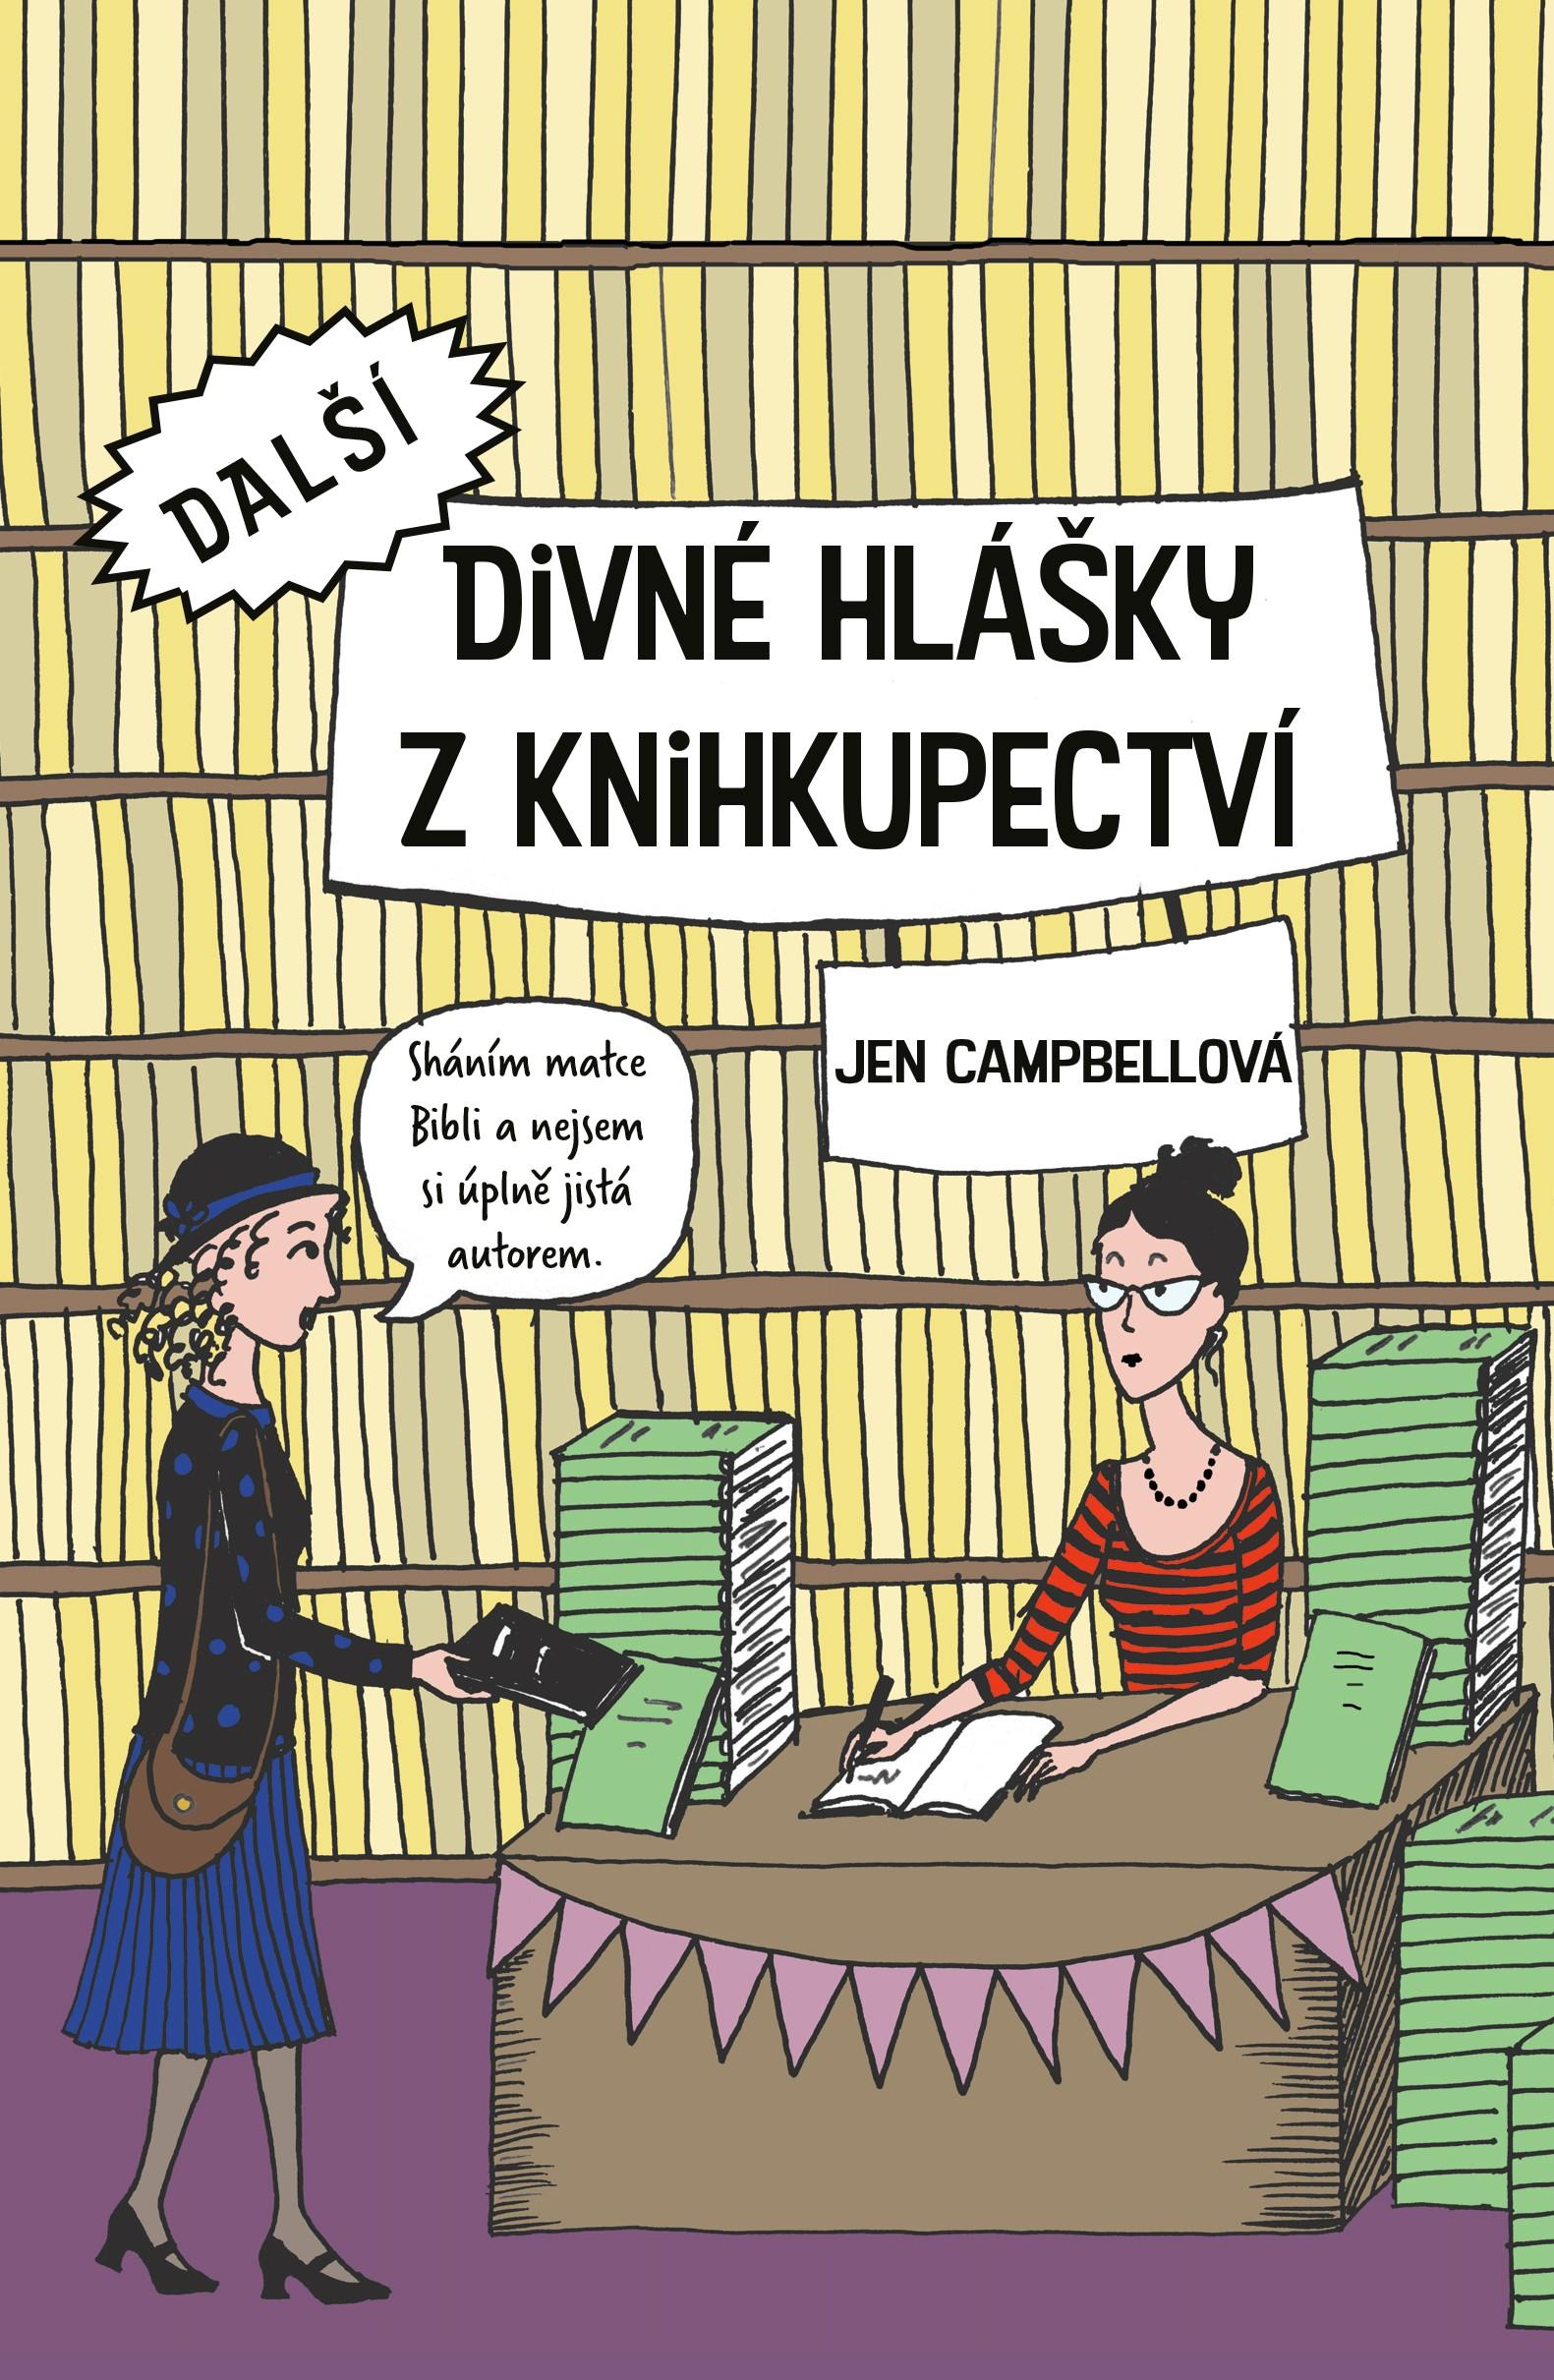 Další divné hlášky z knihkupectví - Jen Campbellová